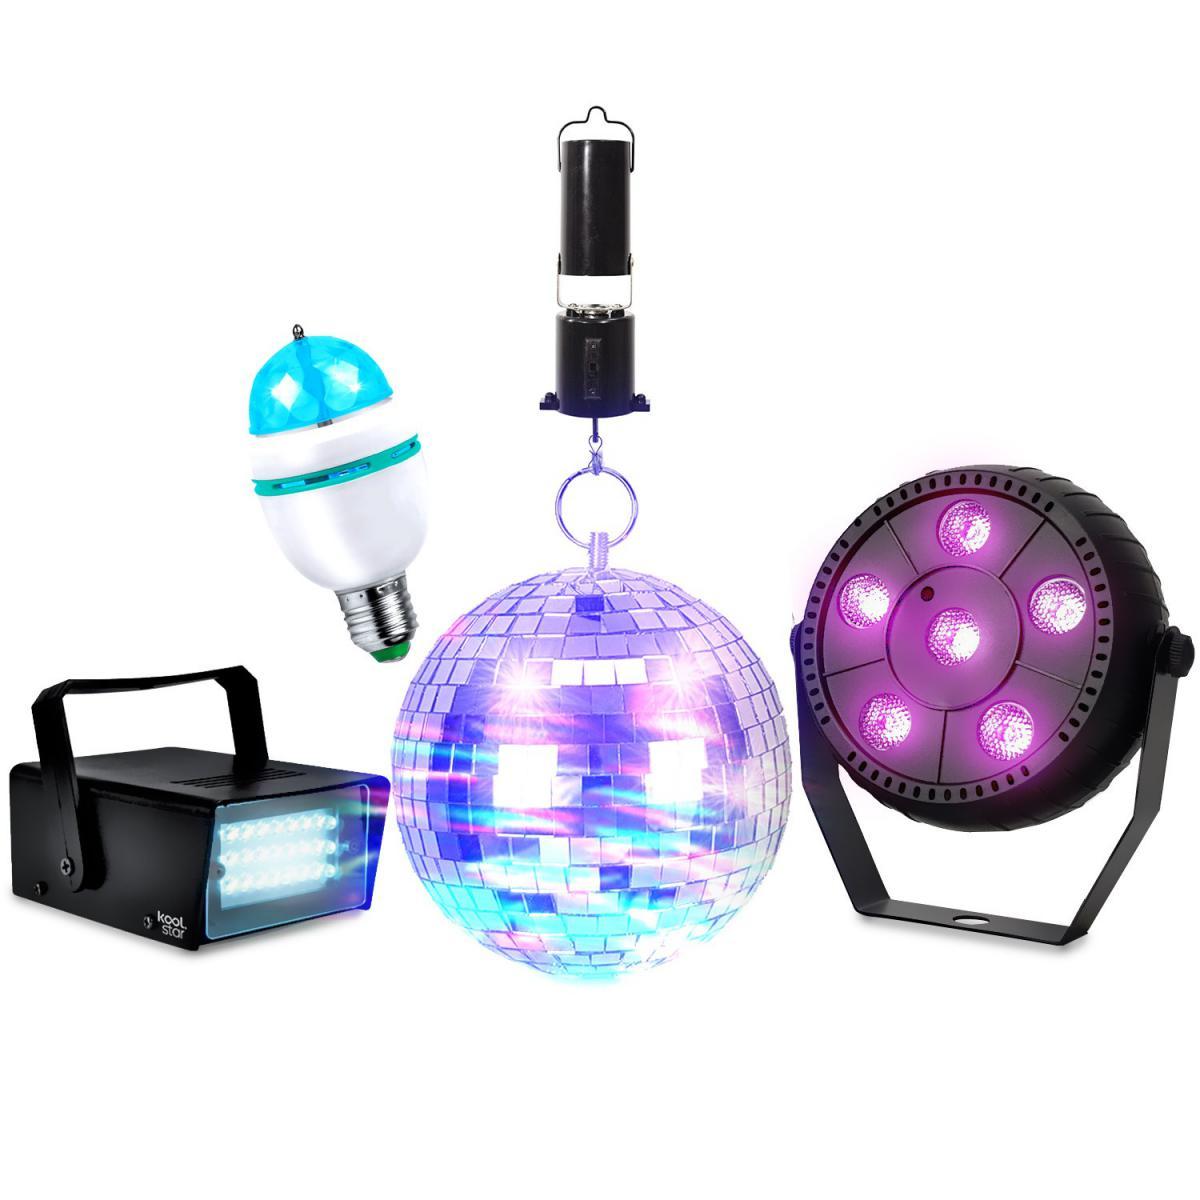 Koolstar Pack Jeux de lumières Boule à facettes 16cm + Moteur KOOLSTAR PACK DISCO Mini Strobe 24 LED - PAR SLIM 6 LED + Ampoule D